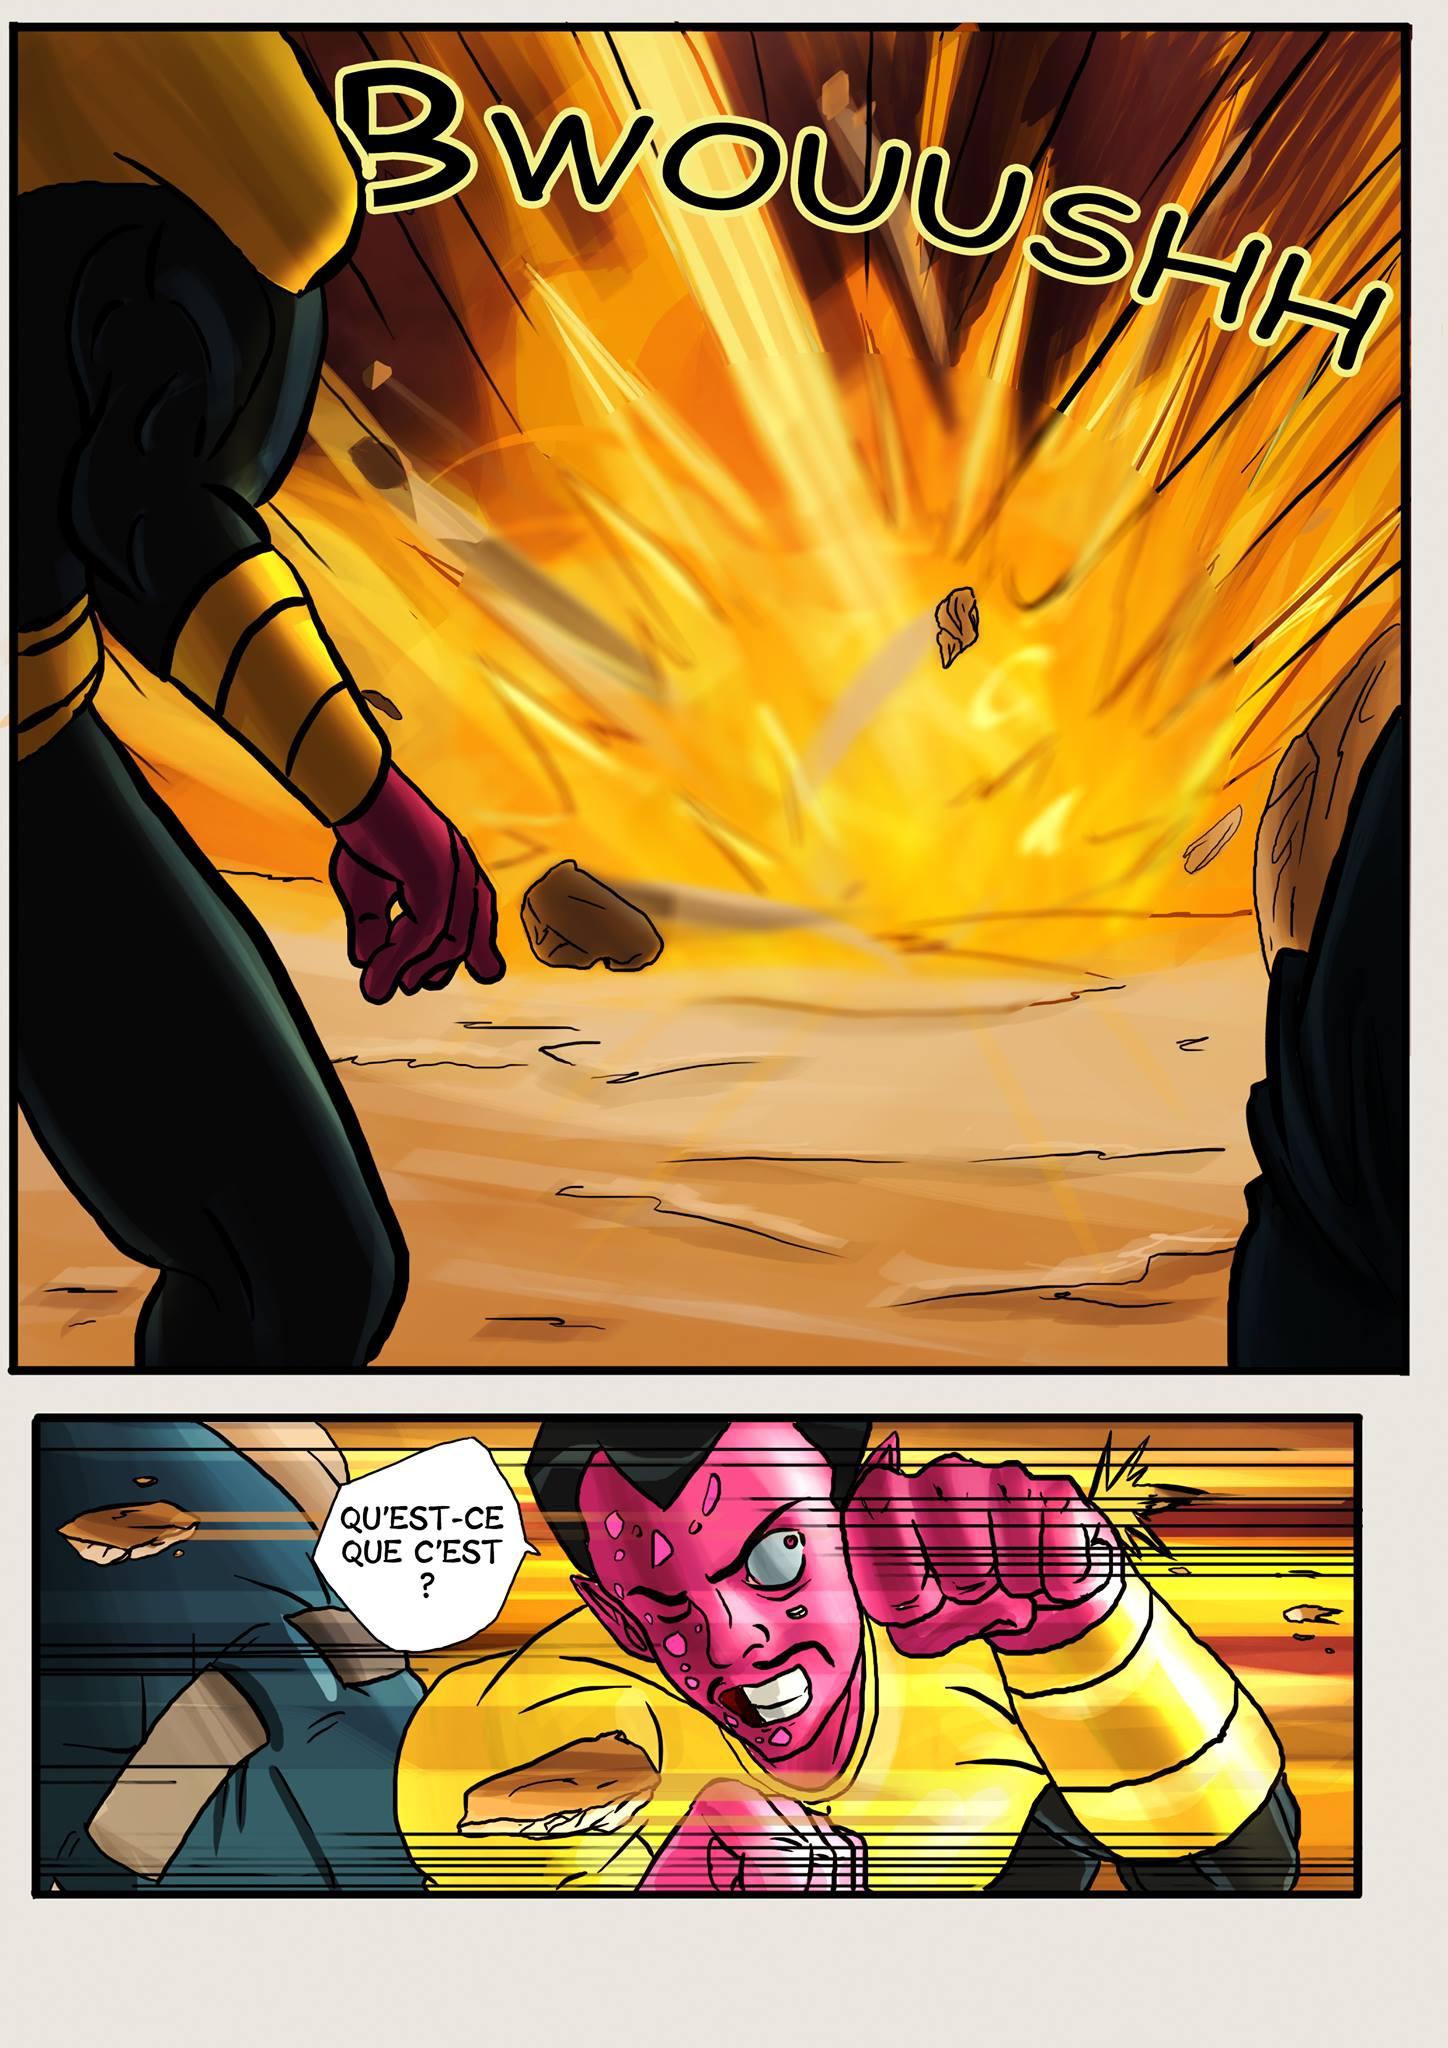 Justice league goku - 12